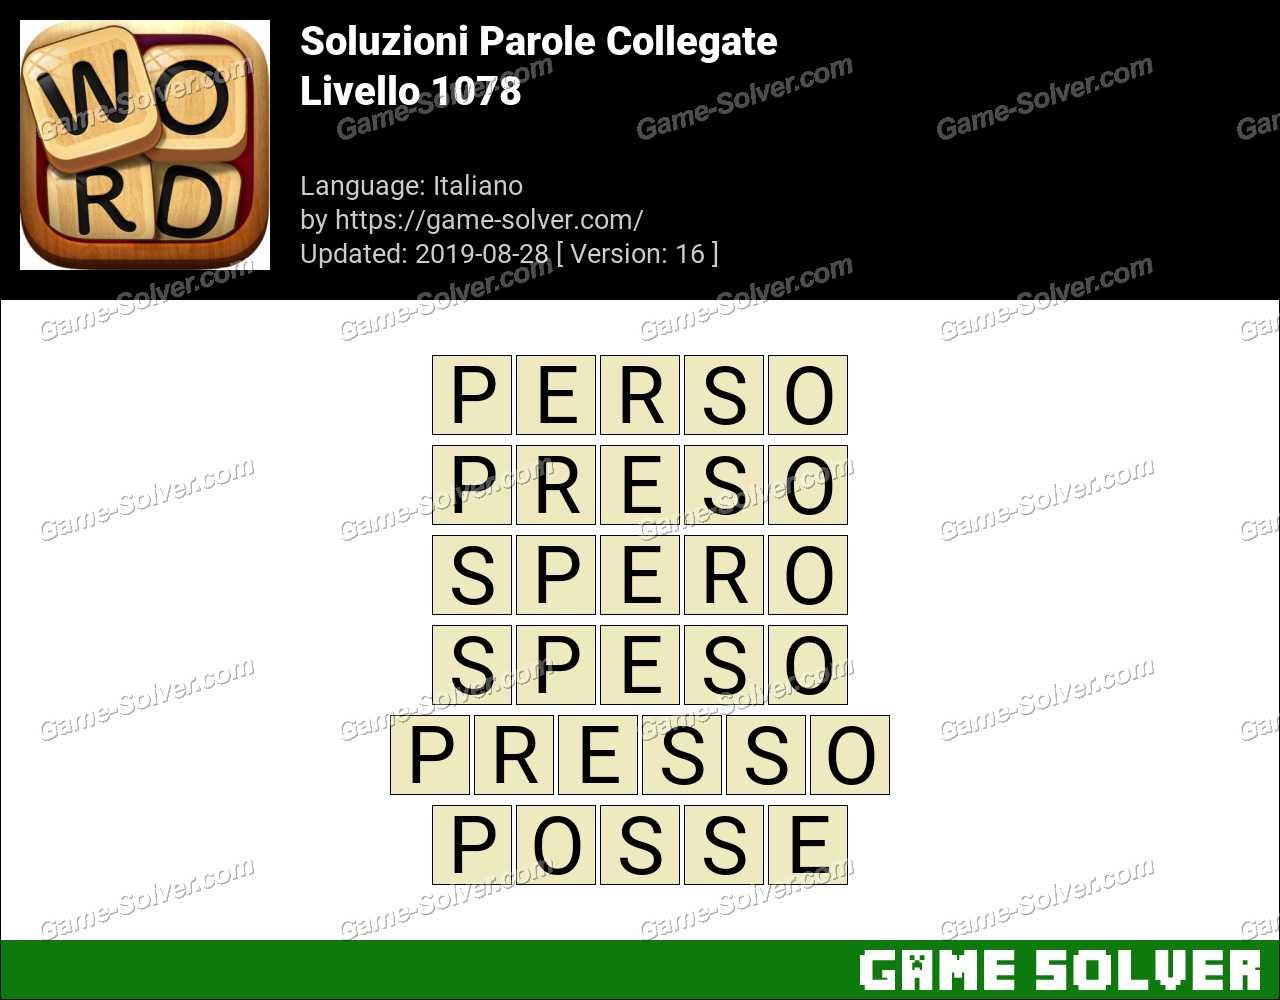 Soluzioni Parole Collegate Livello 1078